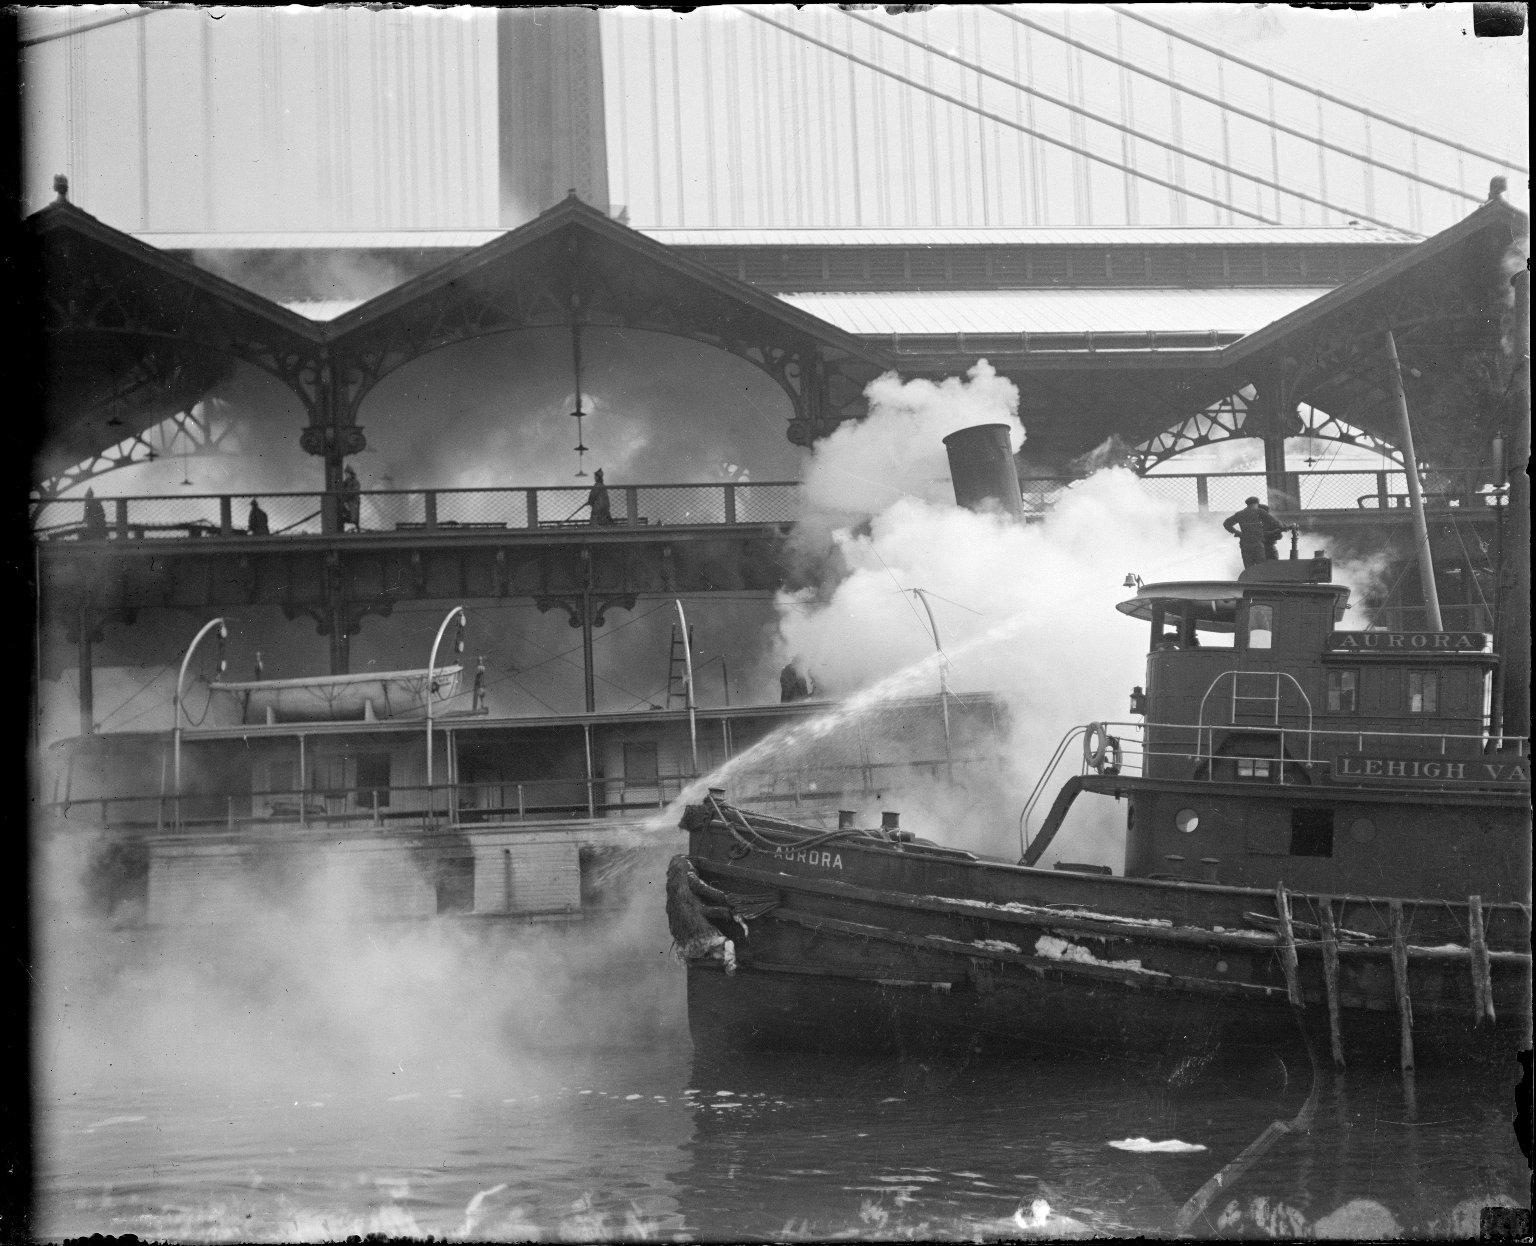 Пожар на судне. Нью-Йорк, США. 1917 год